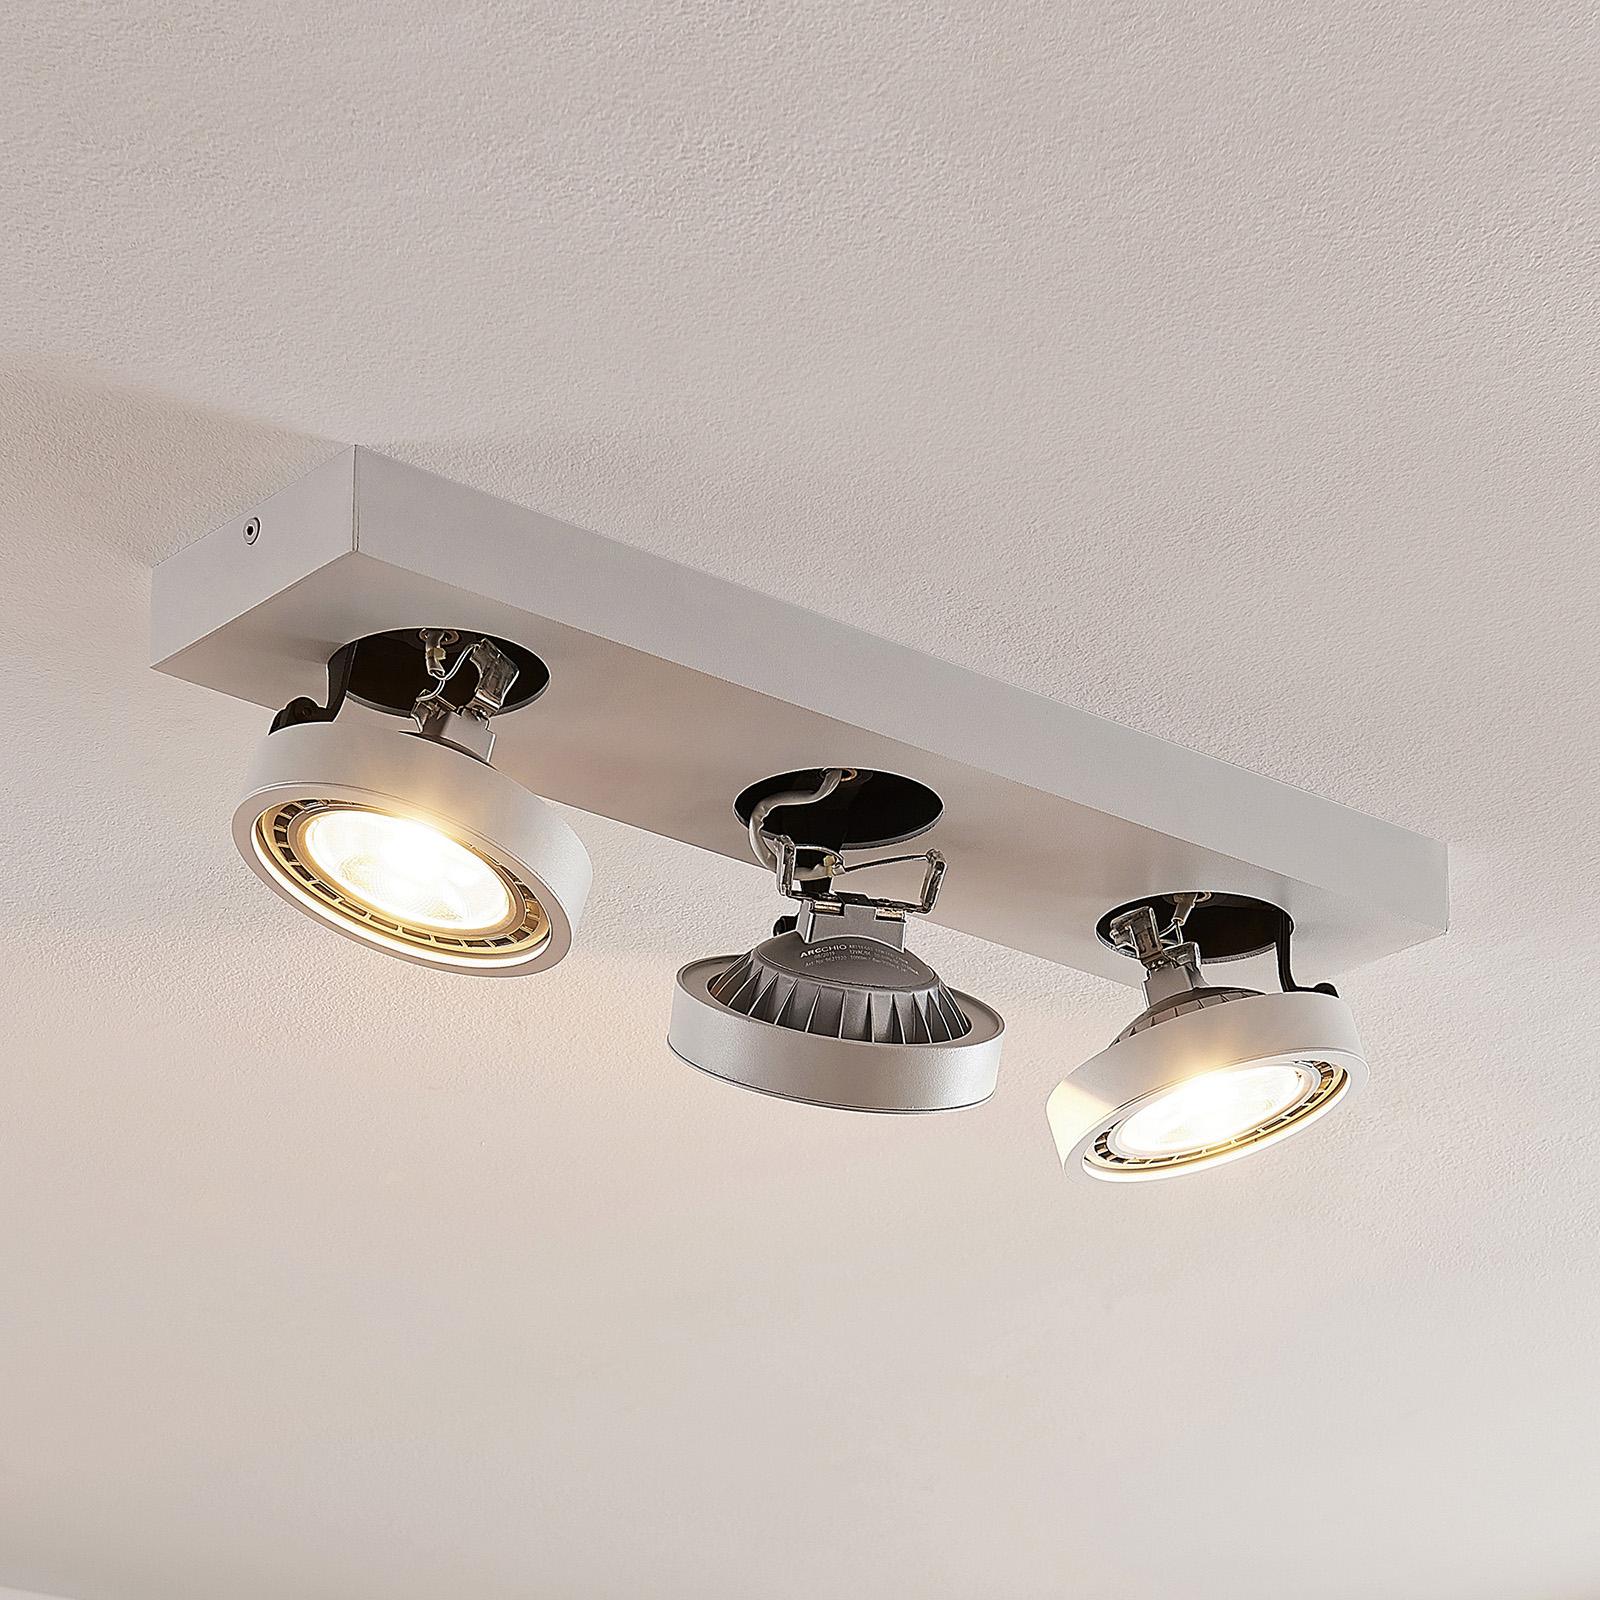 LED-kattovalaisin Negan, valkoinen, 3-lamppuinen